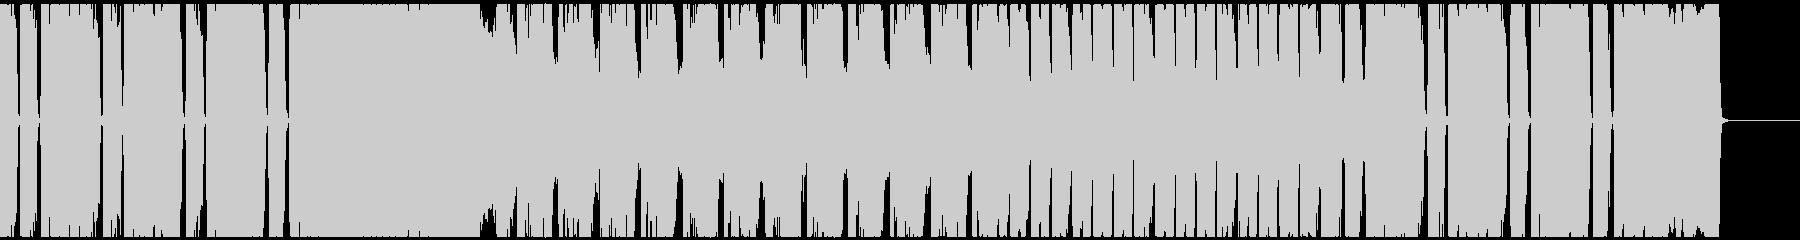 重厚なギターリフが印象的なメタル曲です。の未再生の波形